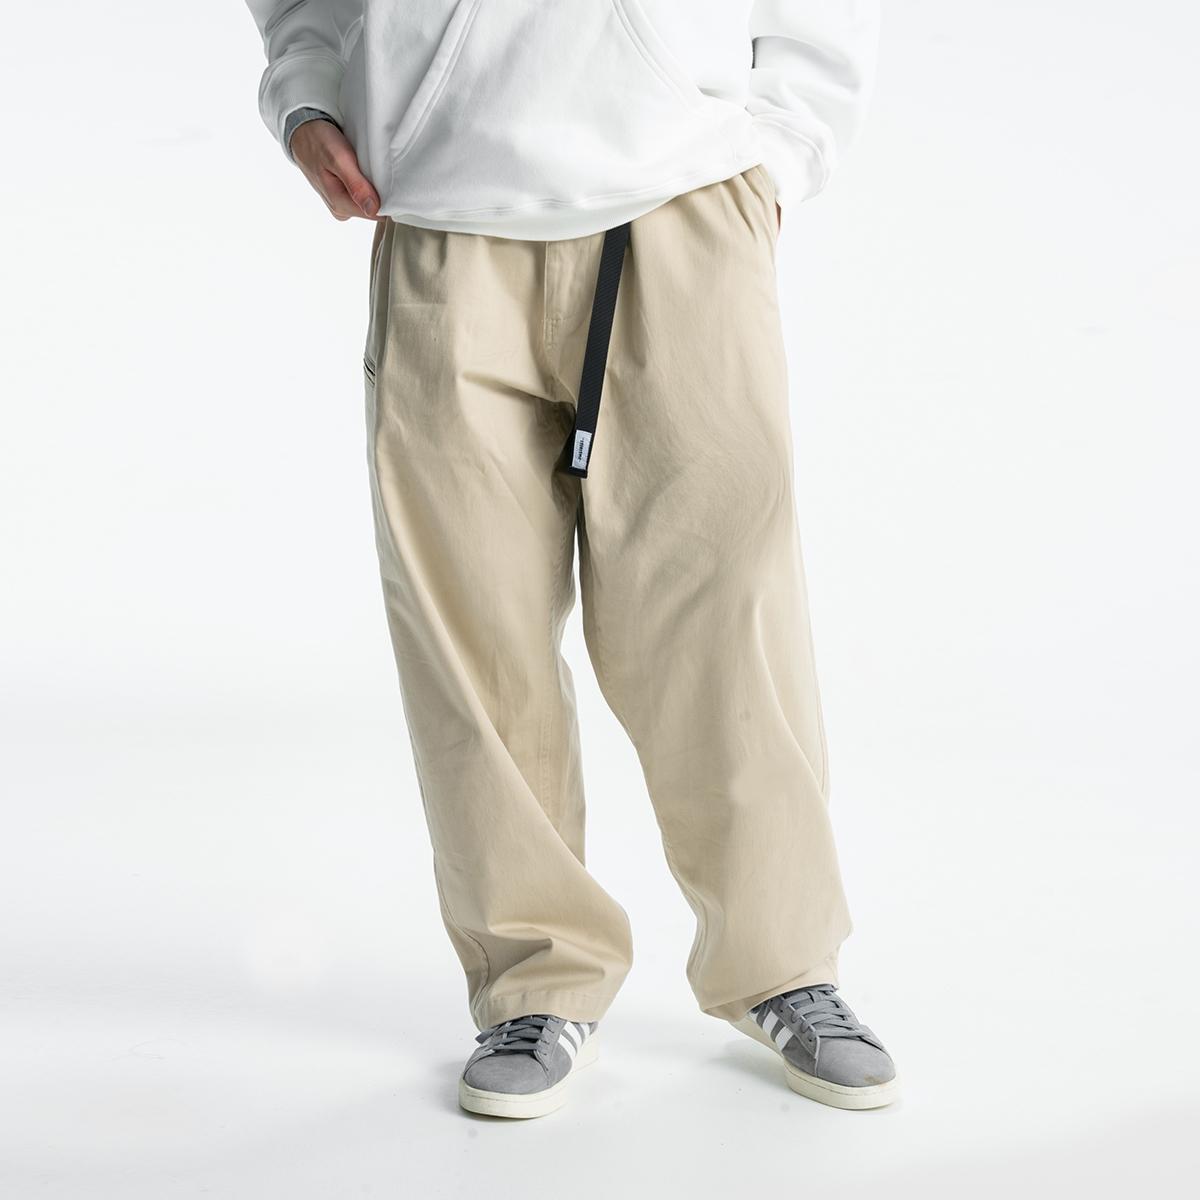 714street 20AW 男士休闲裤薄款新款男女宽松潮流长裤男装裤子潮图片